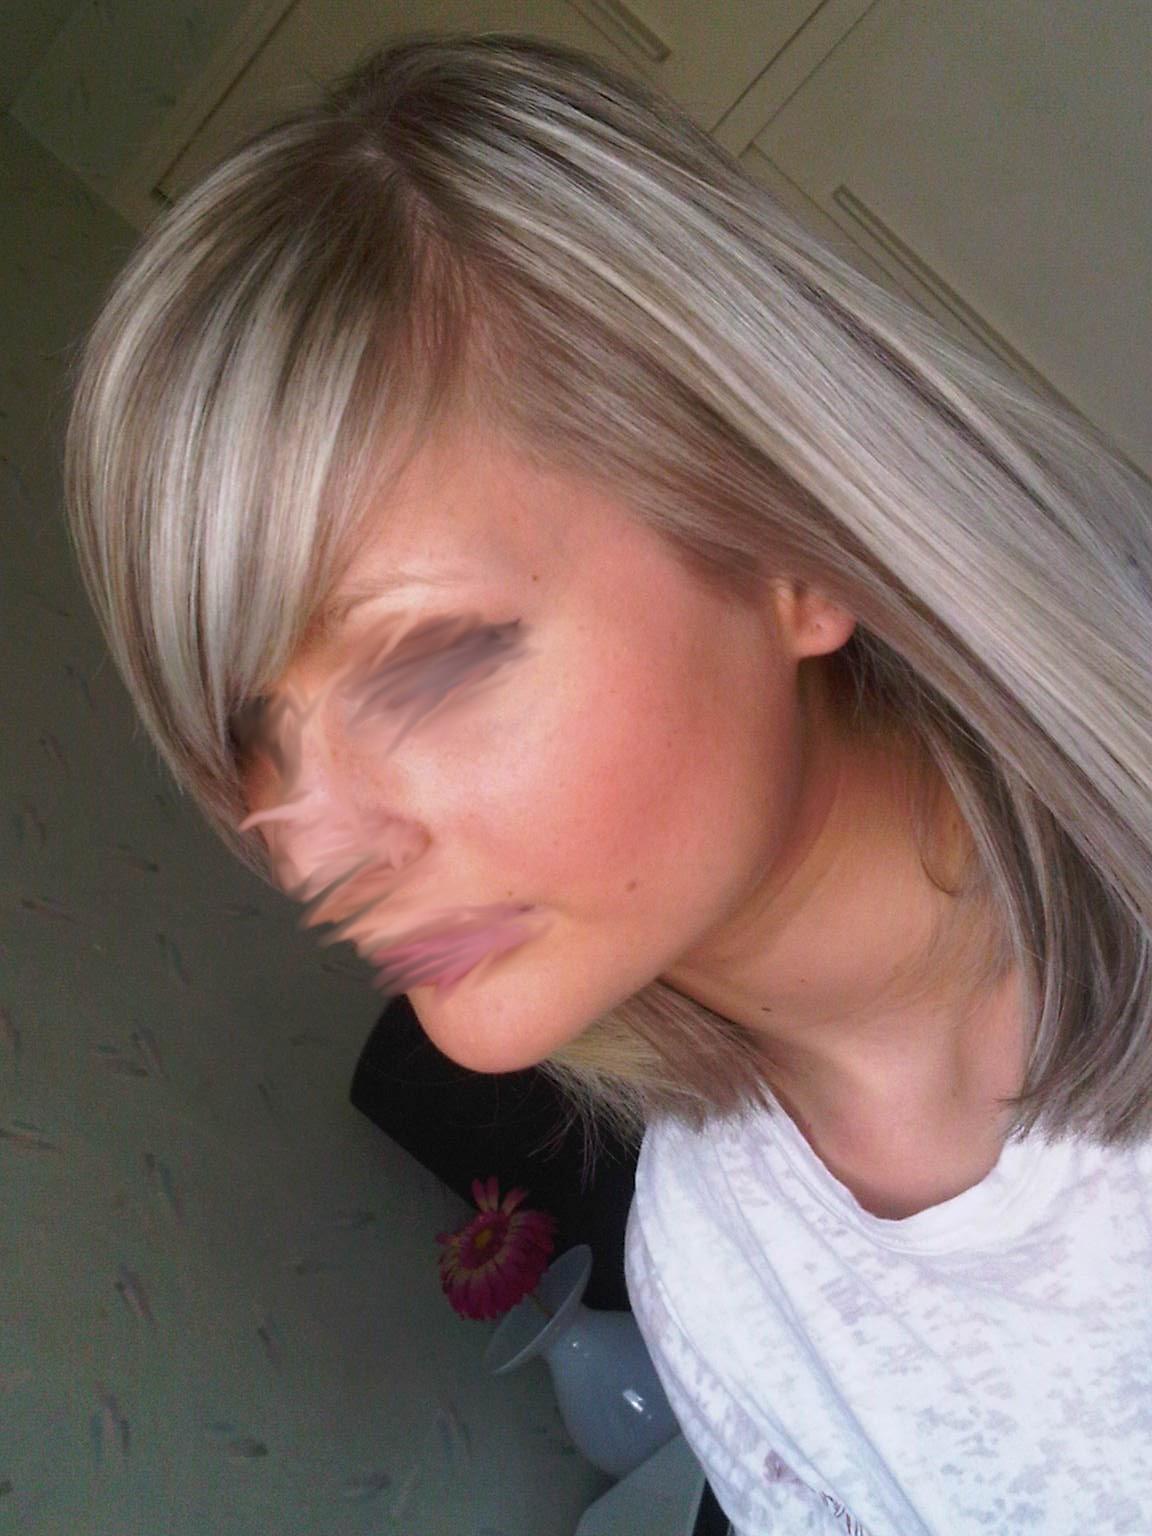 blond très clair sans décolo ??? l'impossible ?? - coiffure et